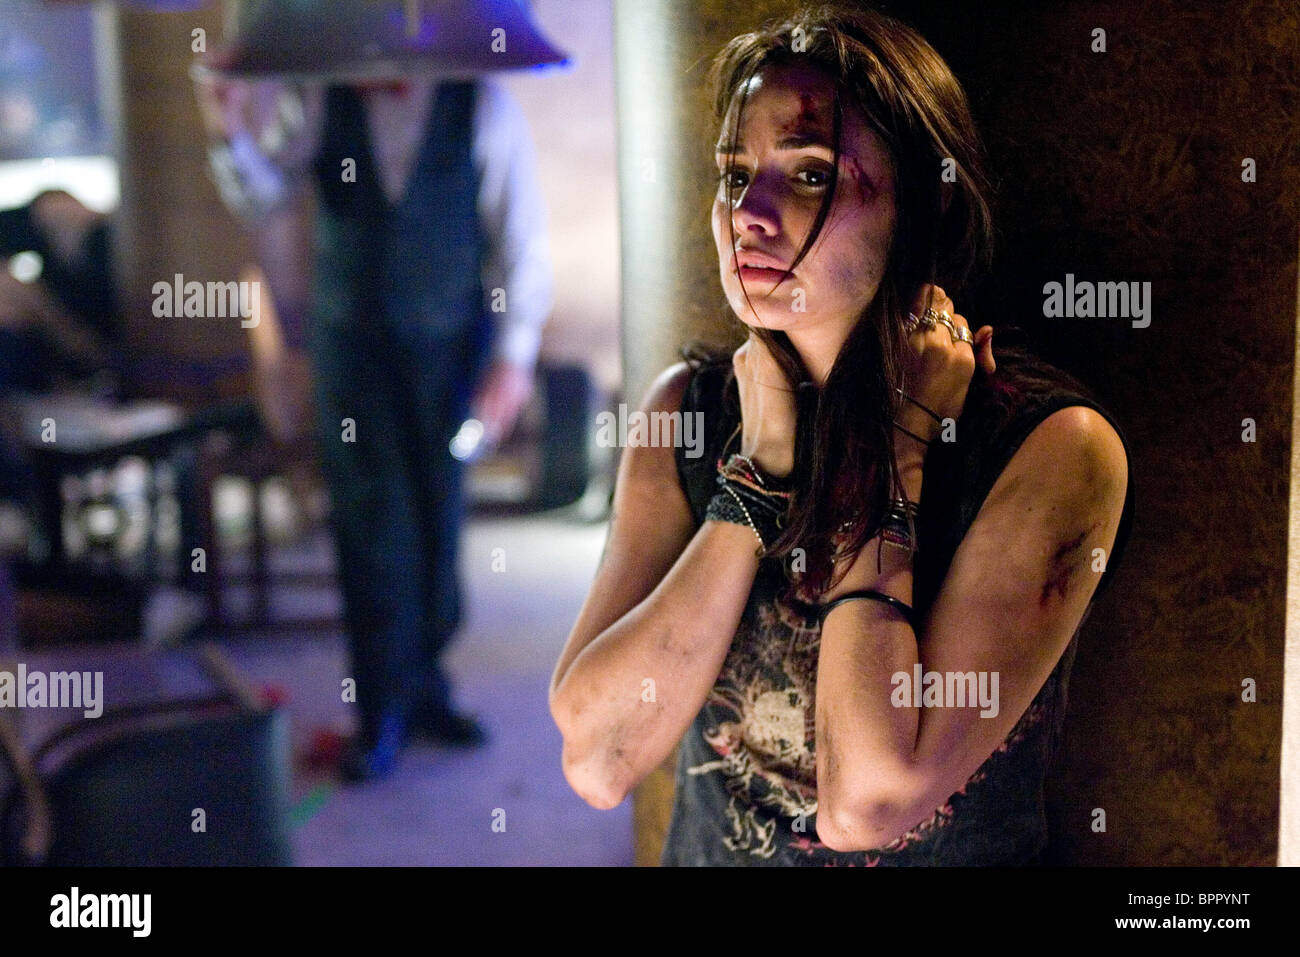 Mia Maestro Poseidon 2006 Stock Photo Alamy